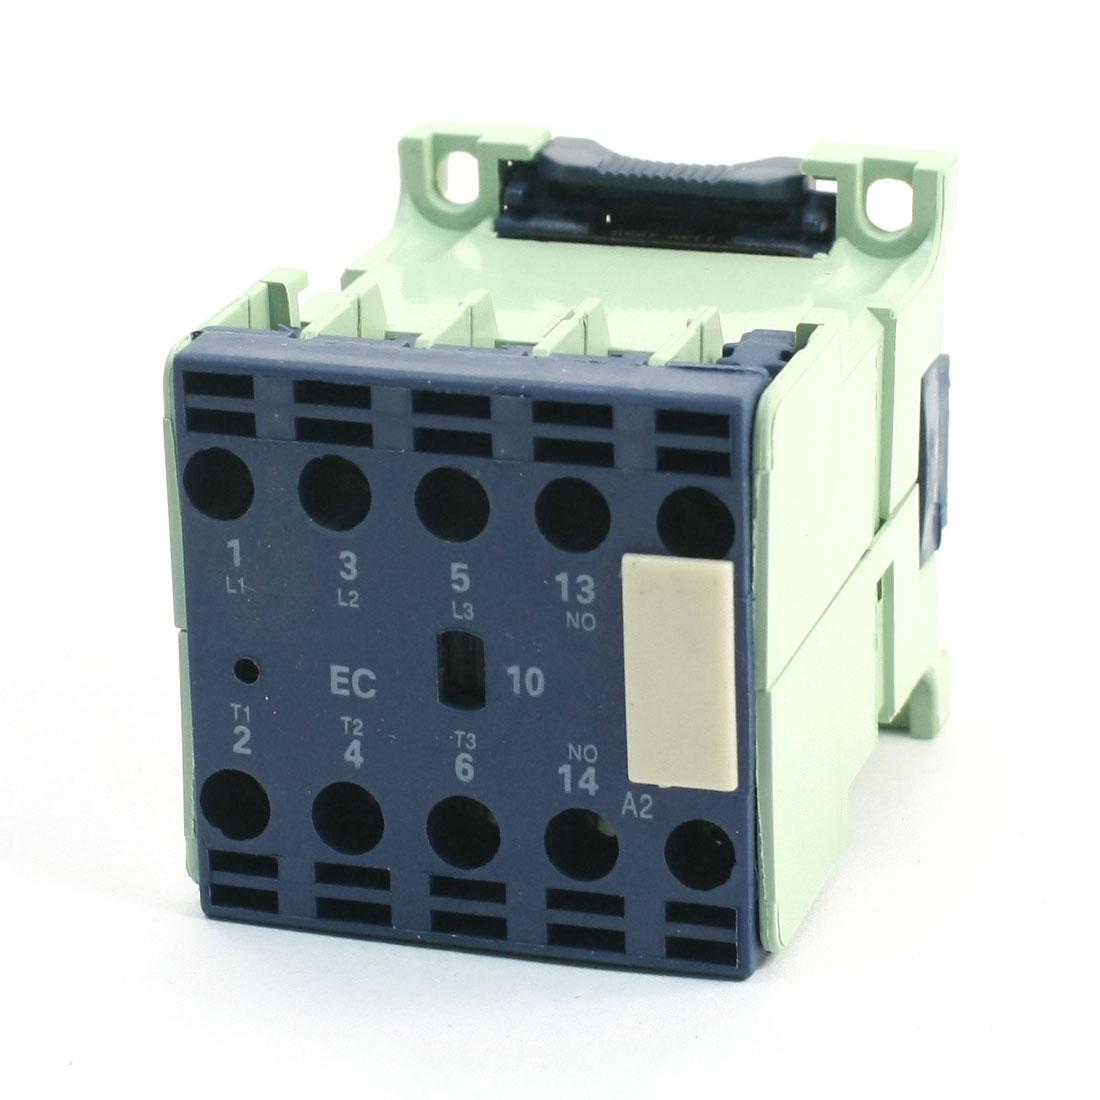 CJX2-0910E Motor Control 3P+1NO AC Contactor 380-415/440-480V Volt Coil